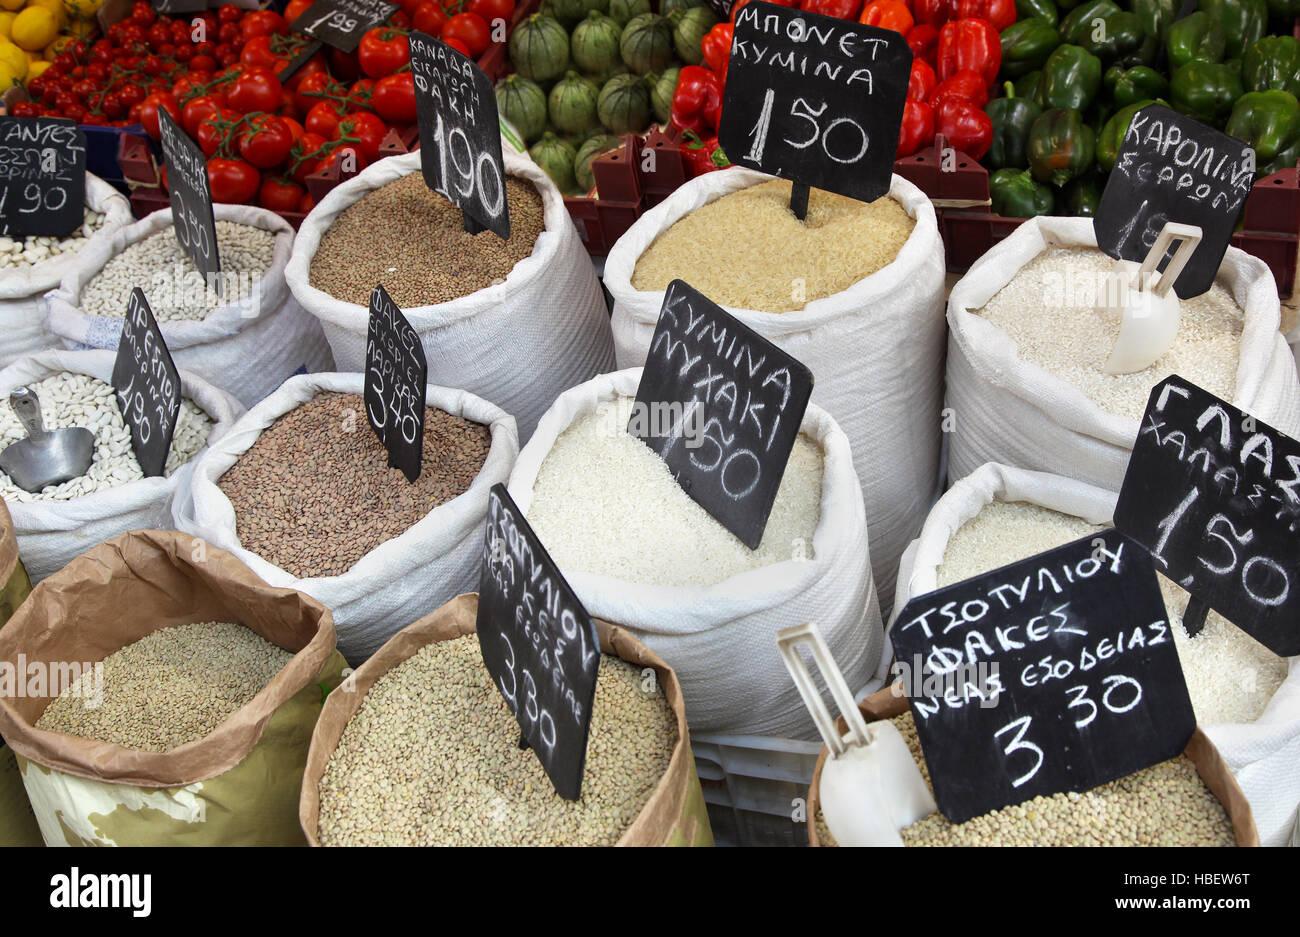 Grains sacks - Stock Image